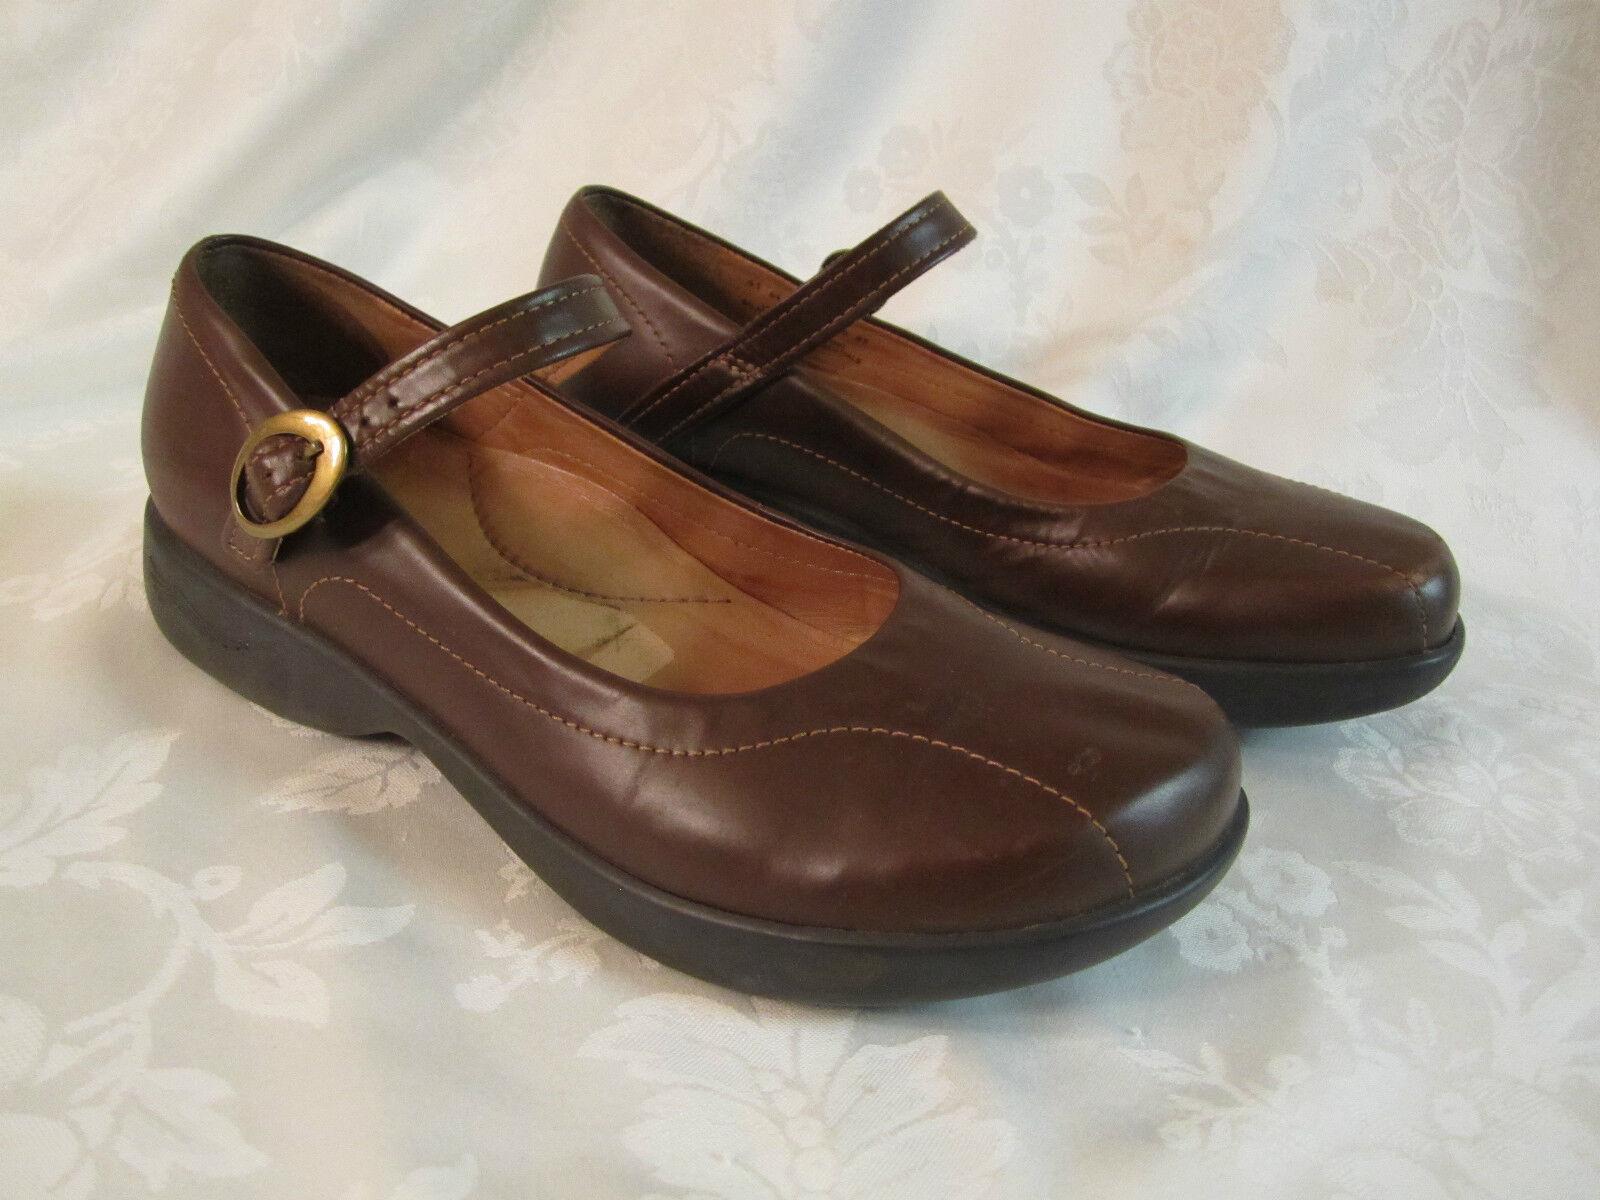 Dansko donna 65533;s Mary Jane scarpe Beautiful Dark  Marronee Leather Dimensione 41 ICE  grandi risparmi